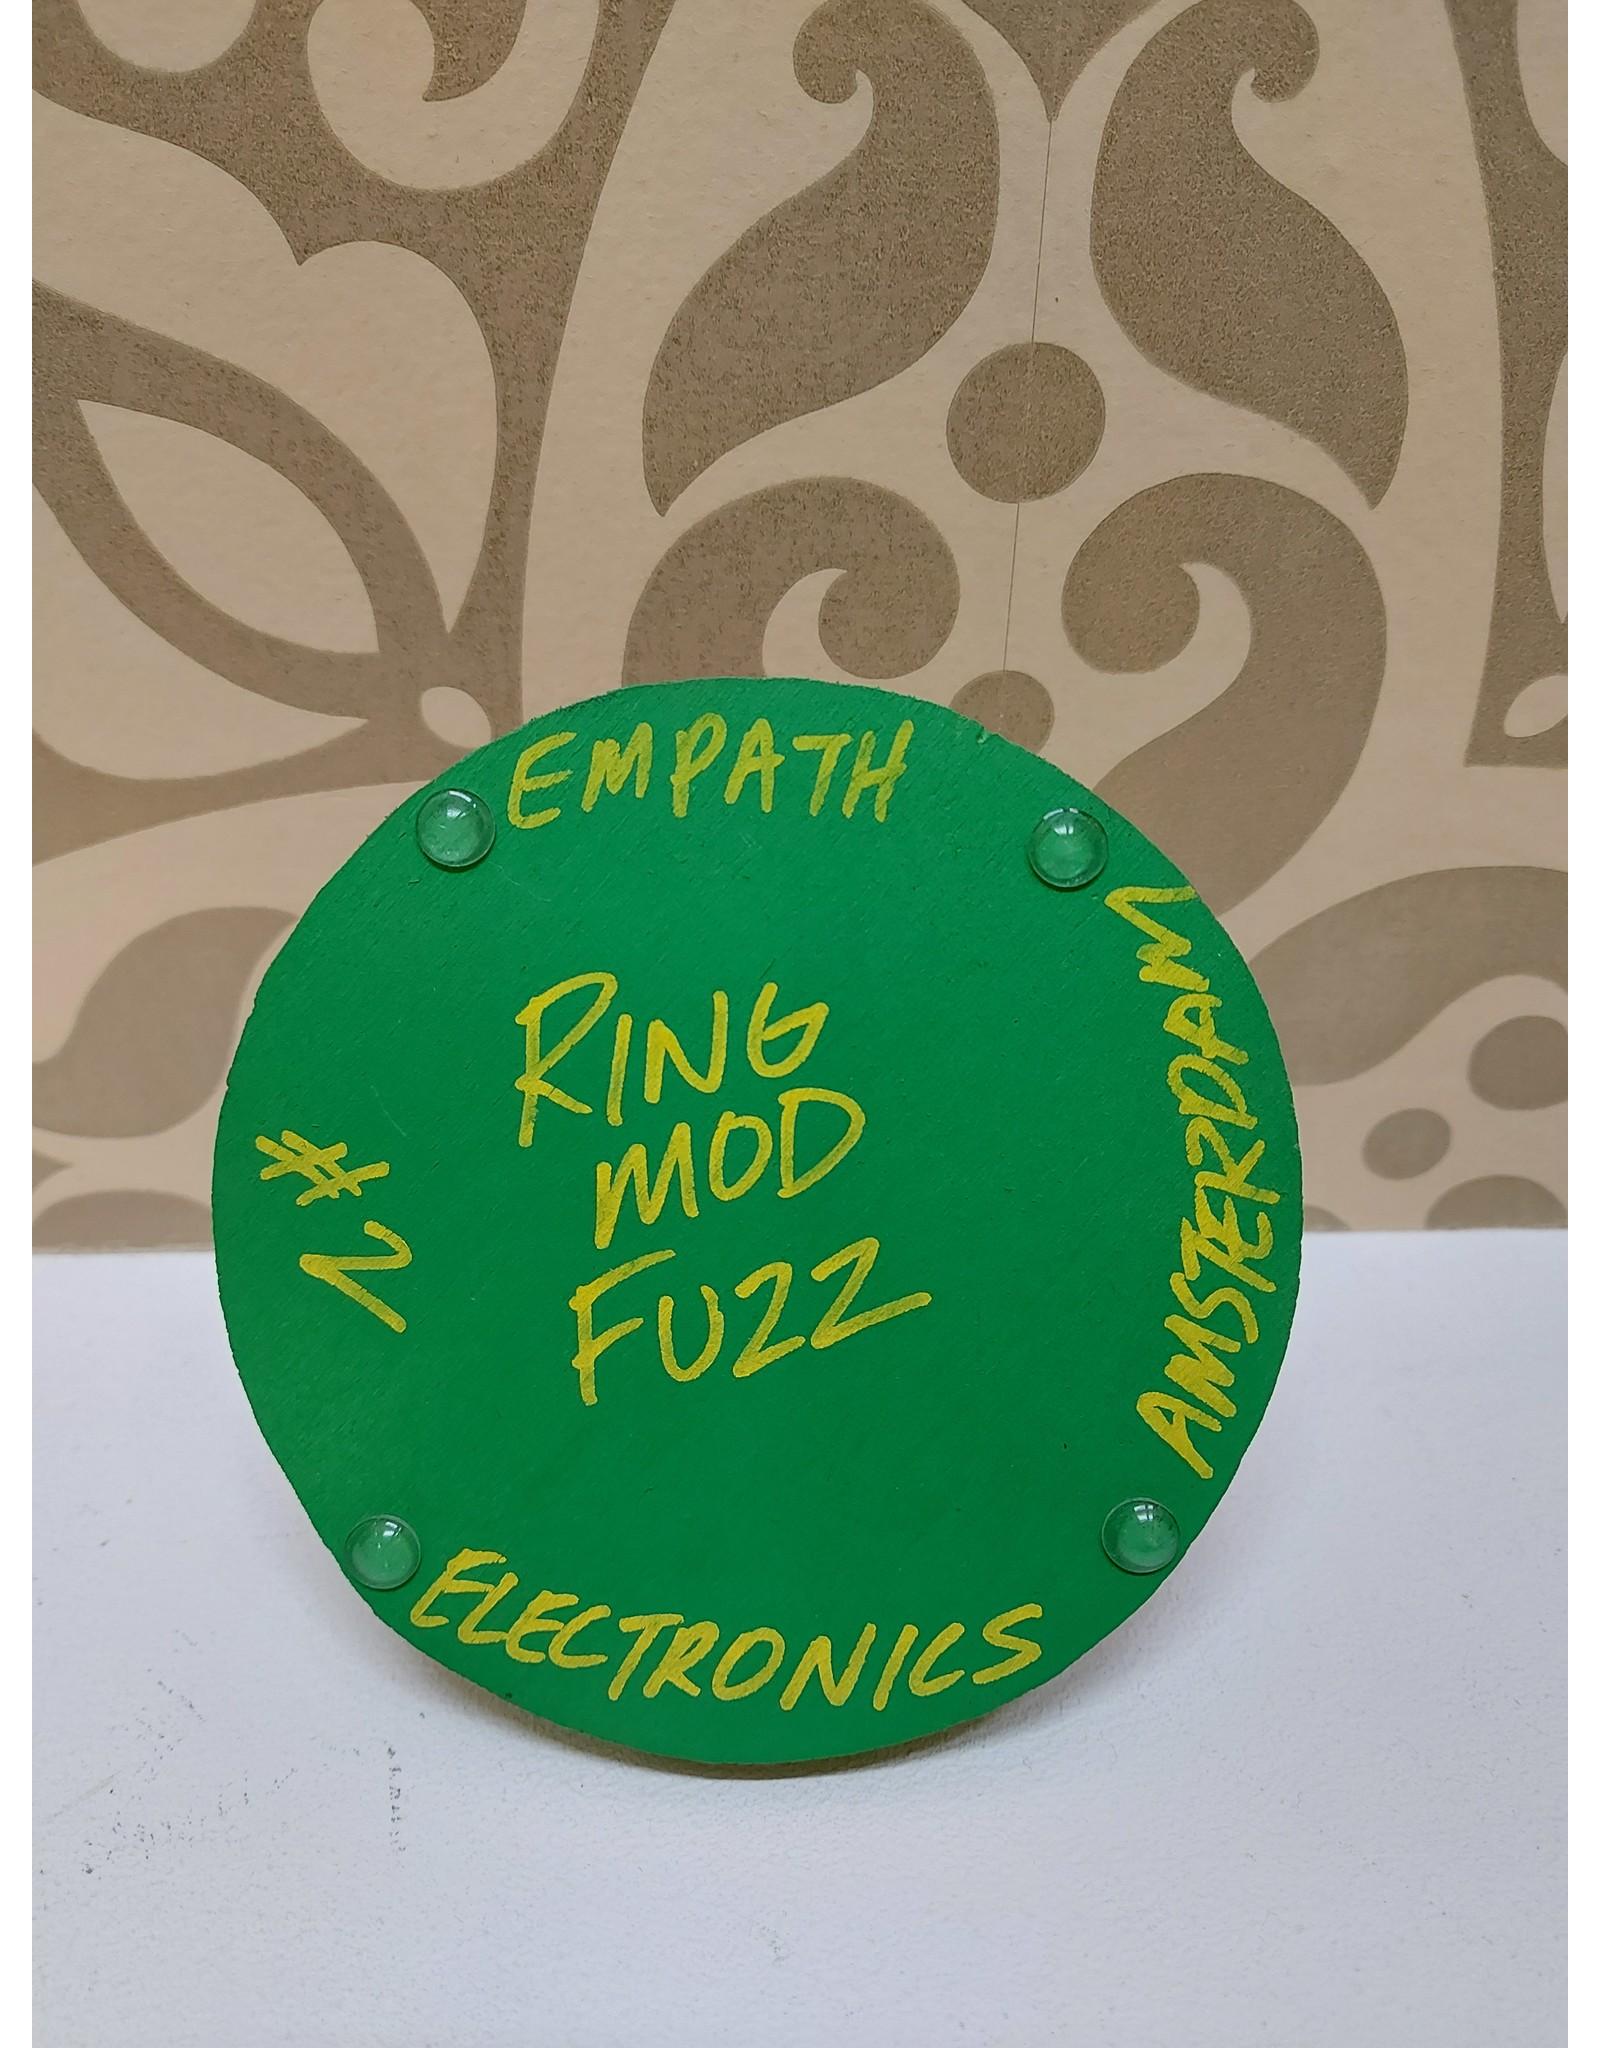 Empath Electronics Ring Mod Fuzz